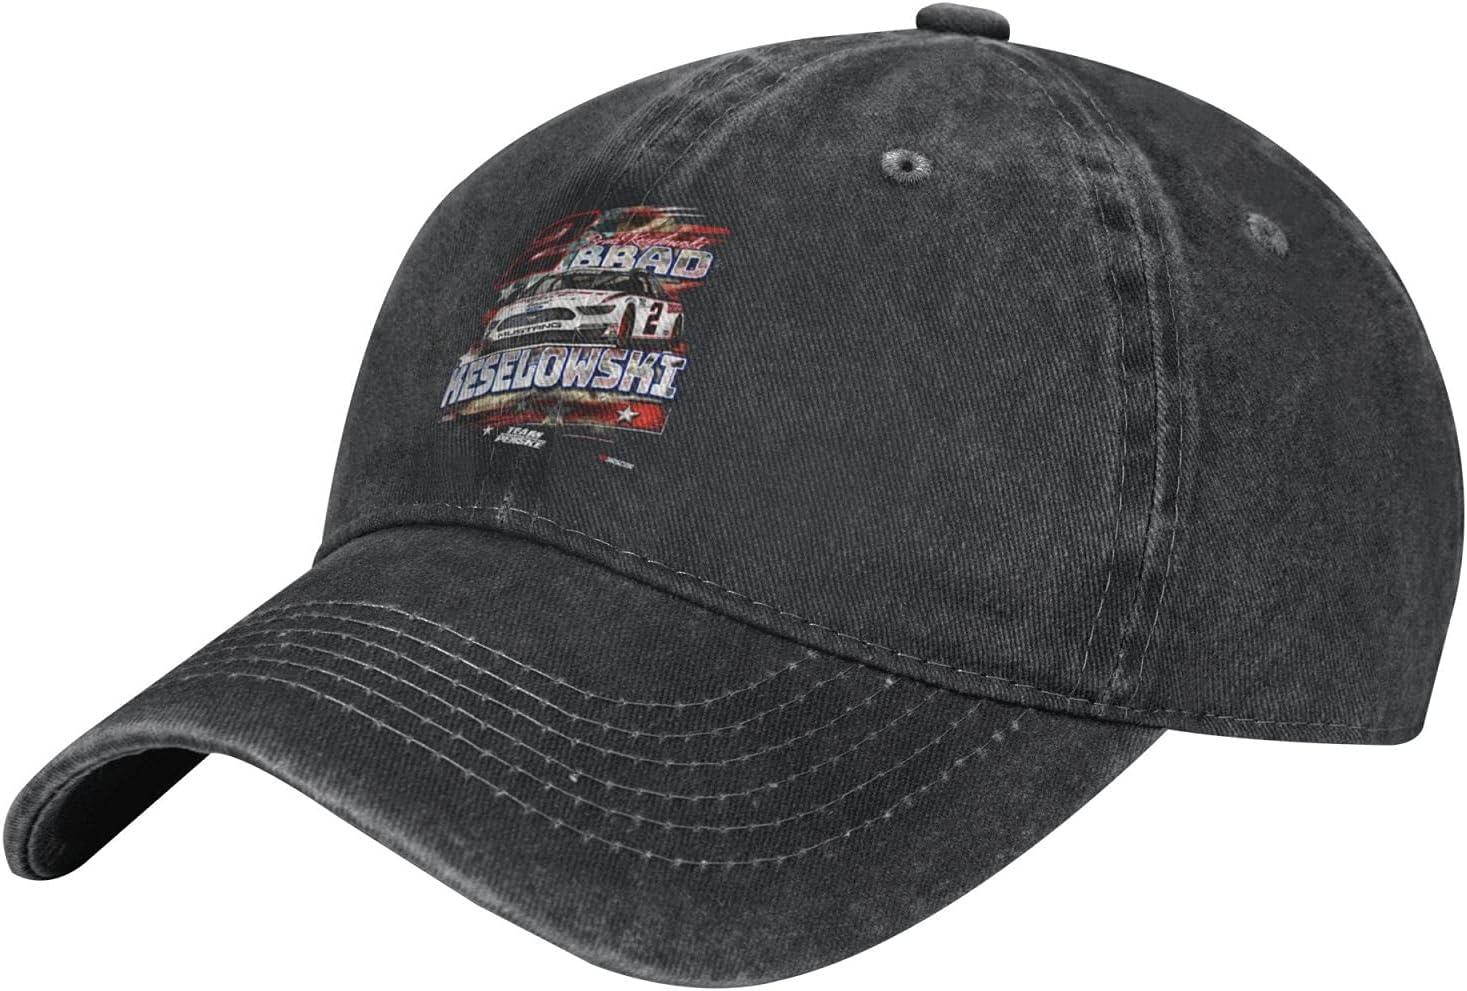 GAiNViEW Brad Keselowski Denim Cap Adjustable Plain Baseball Cowboy Hat Cotton Sunbonnet Plain Hat Black